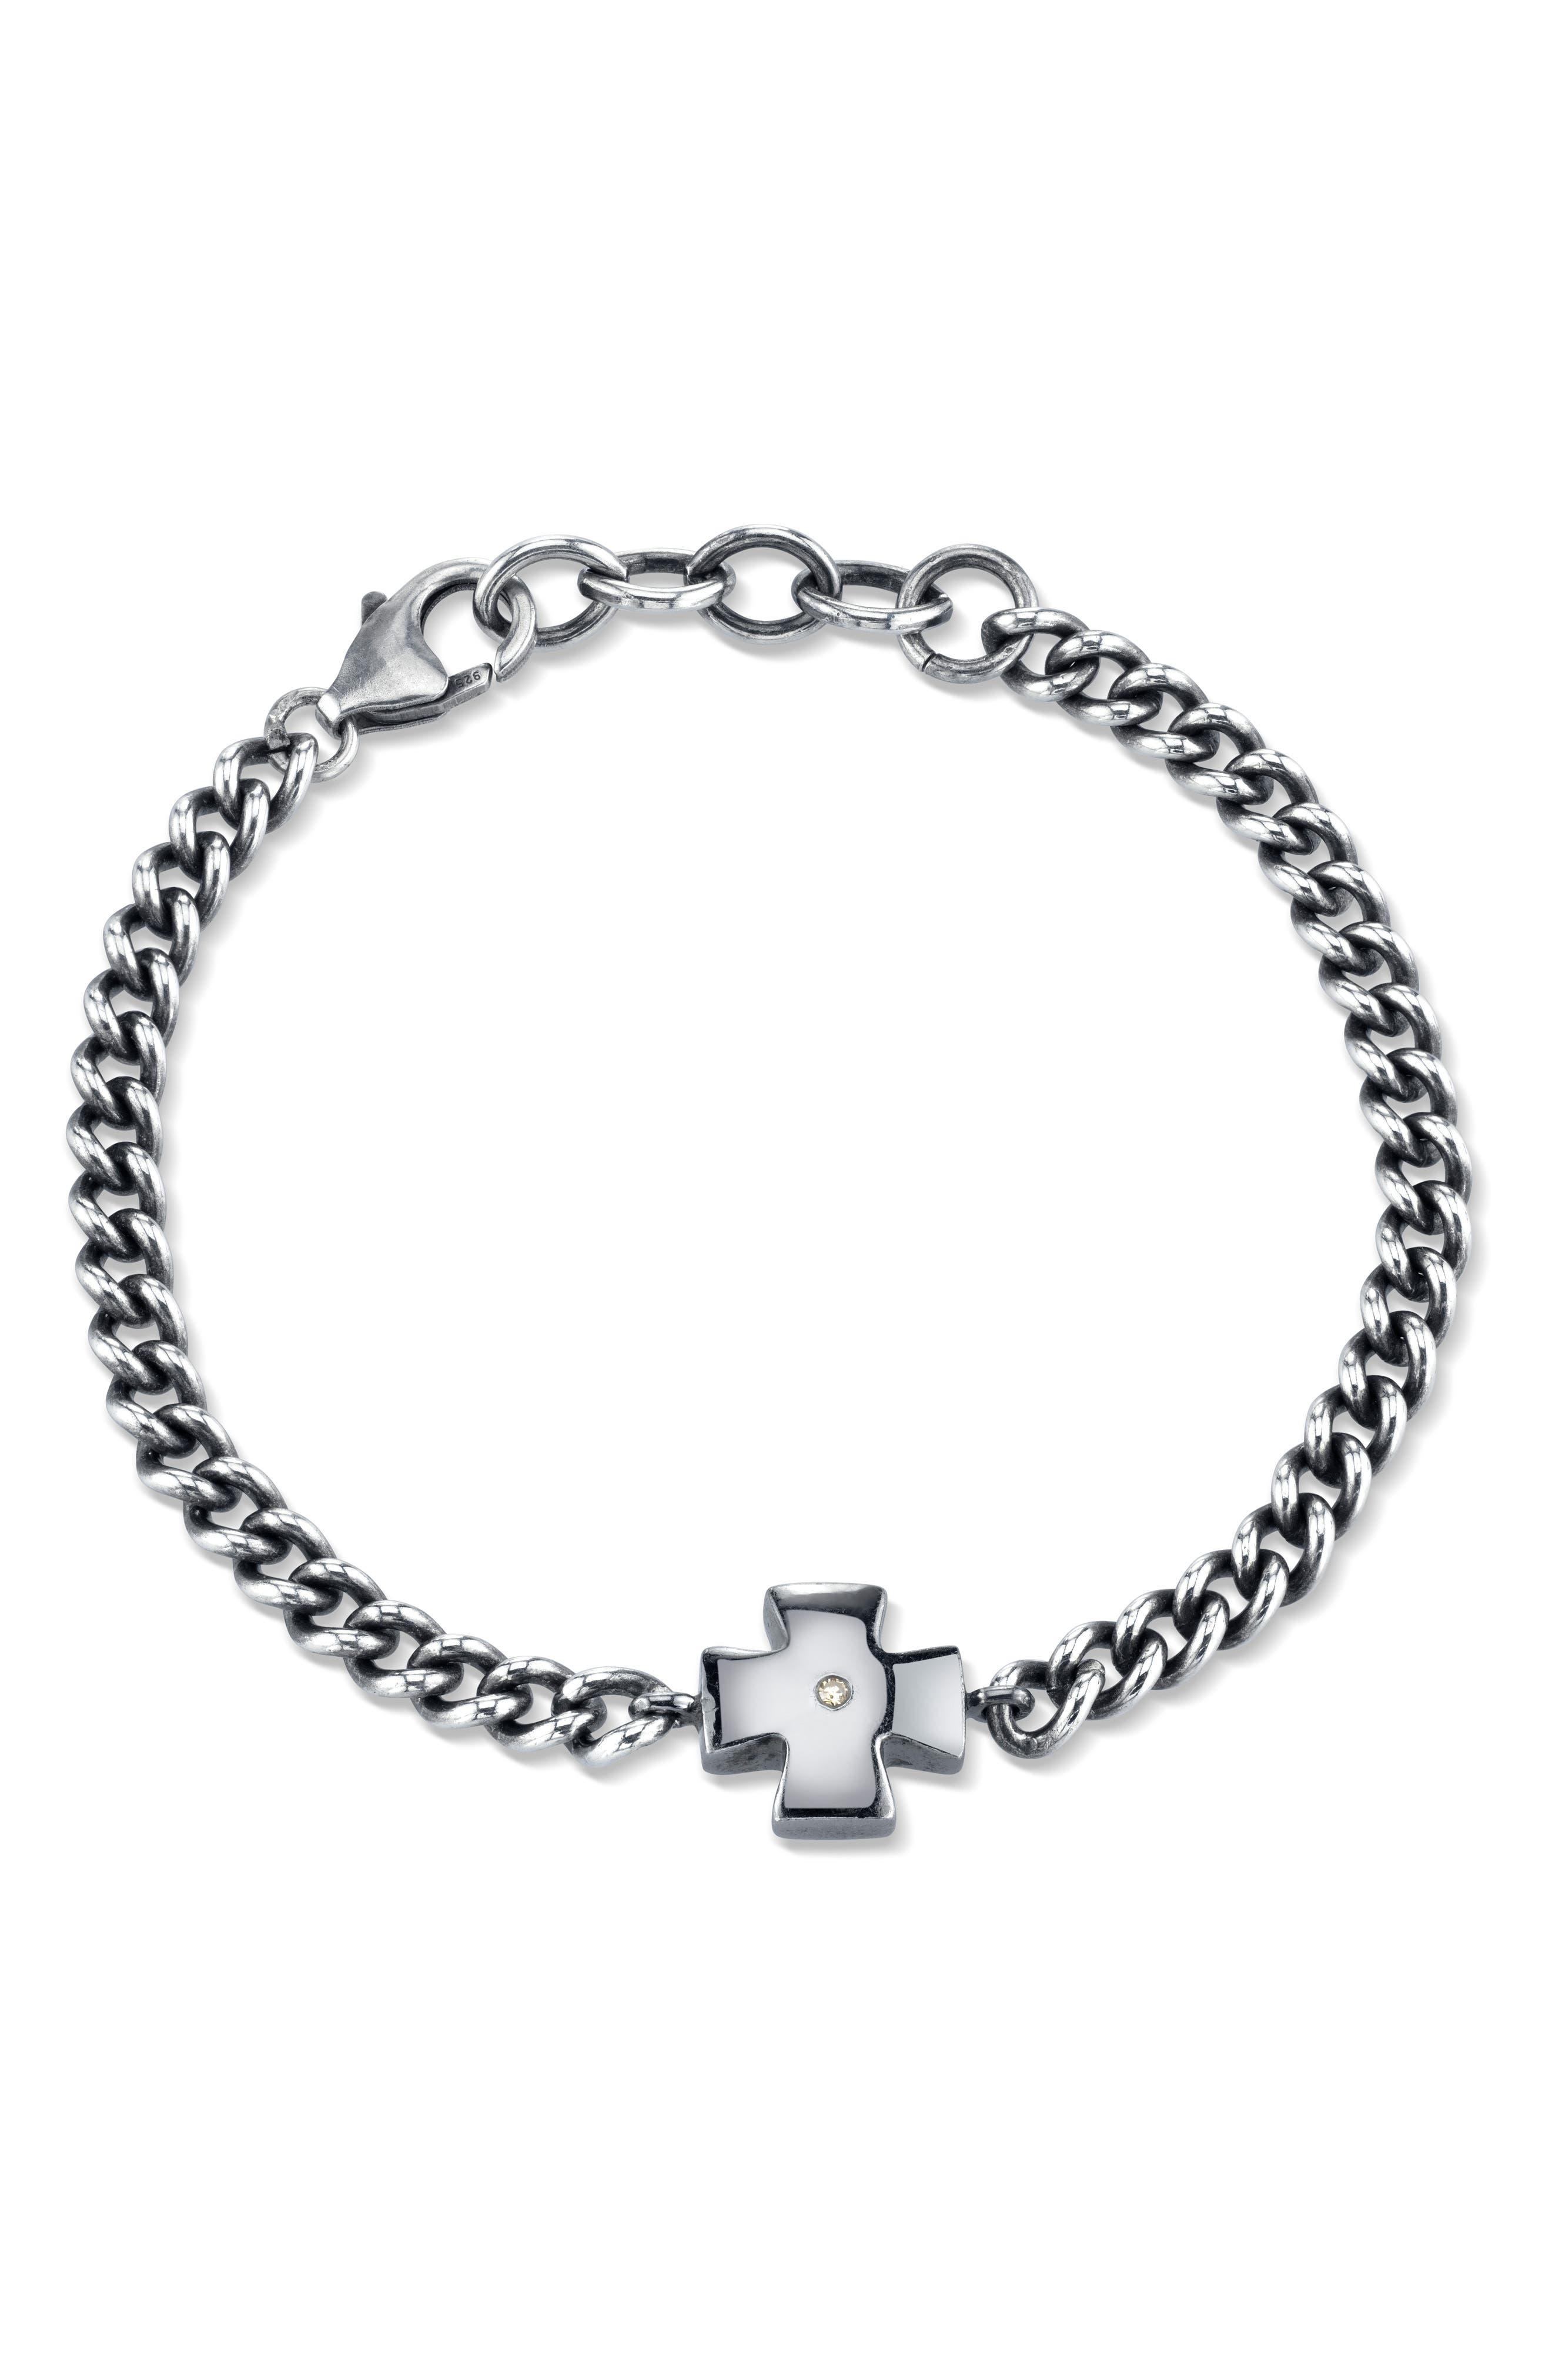 Diamond Chain Bracelet in Sterling Silver